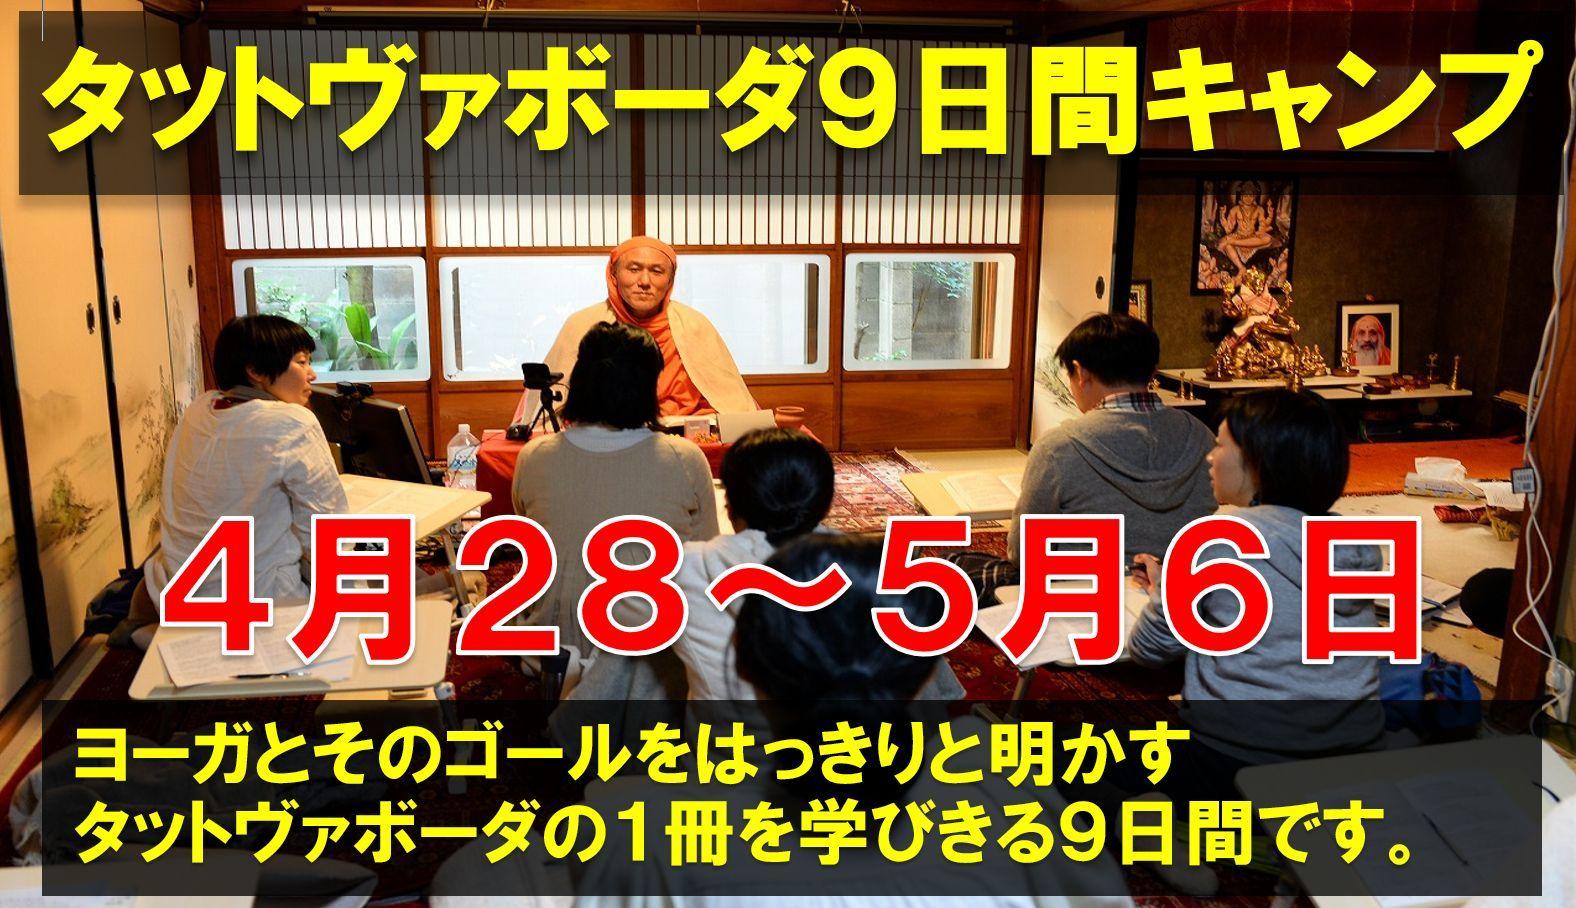 タットヴァボーダ9日間コース、京都センター_d0103413_17525743.jpg